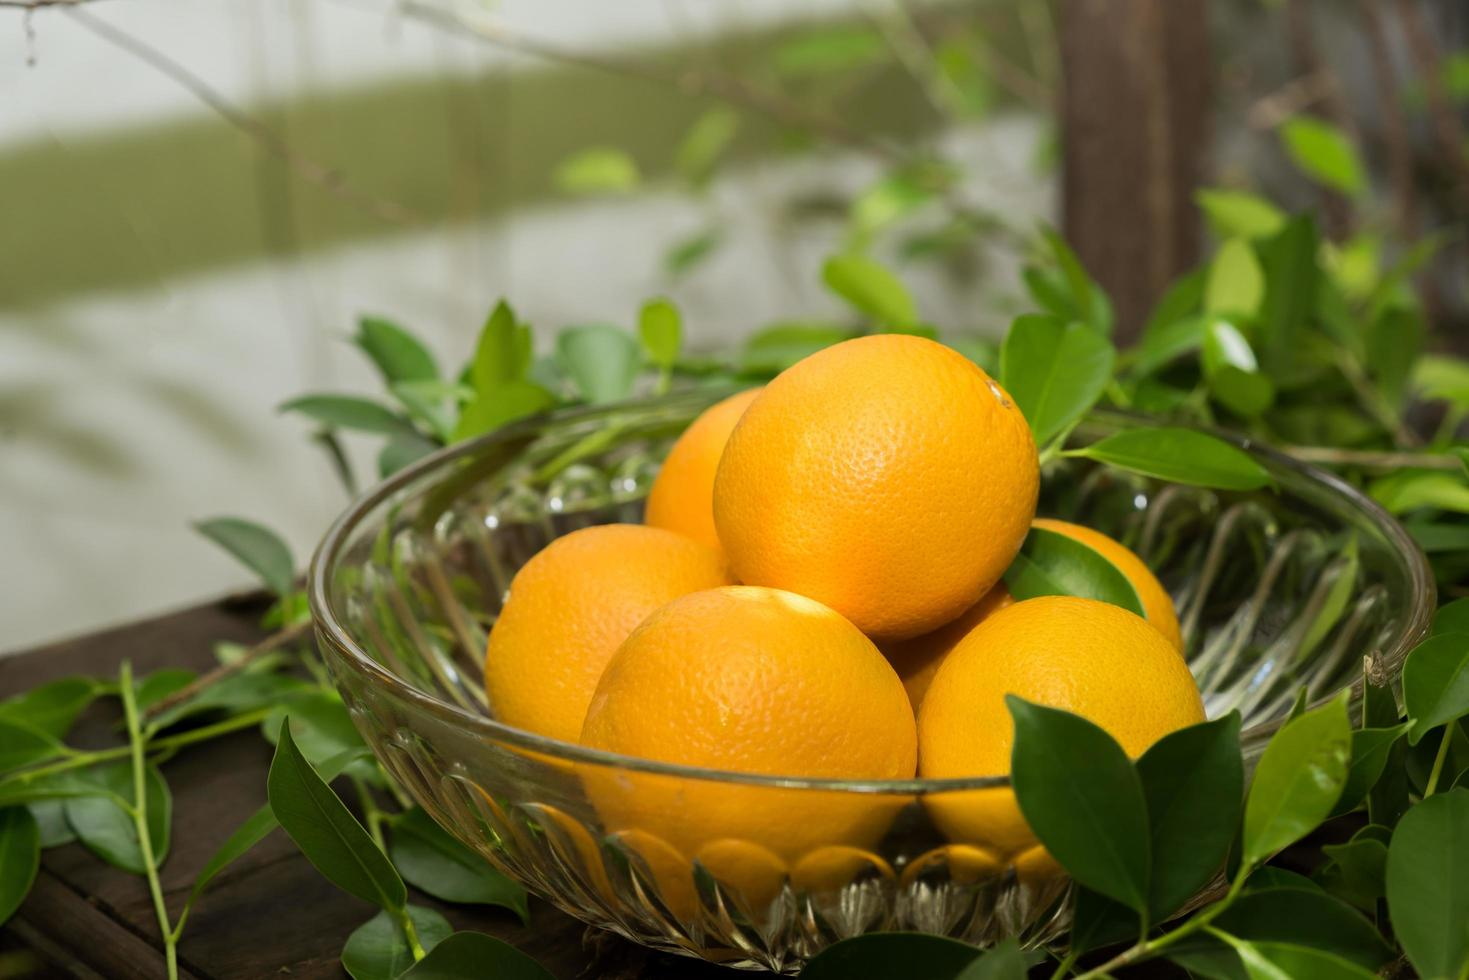 una canasta de naranjas frescas en la naturaleza foto